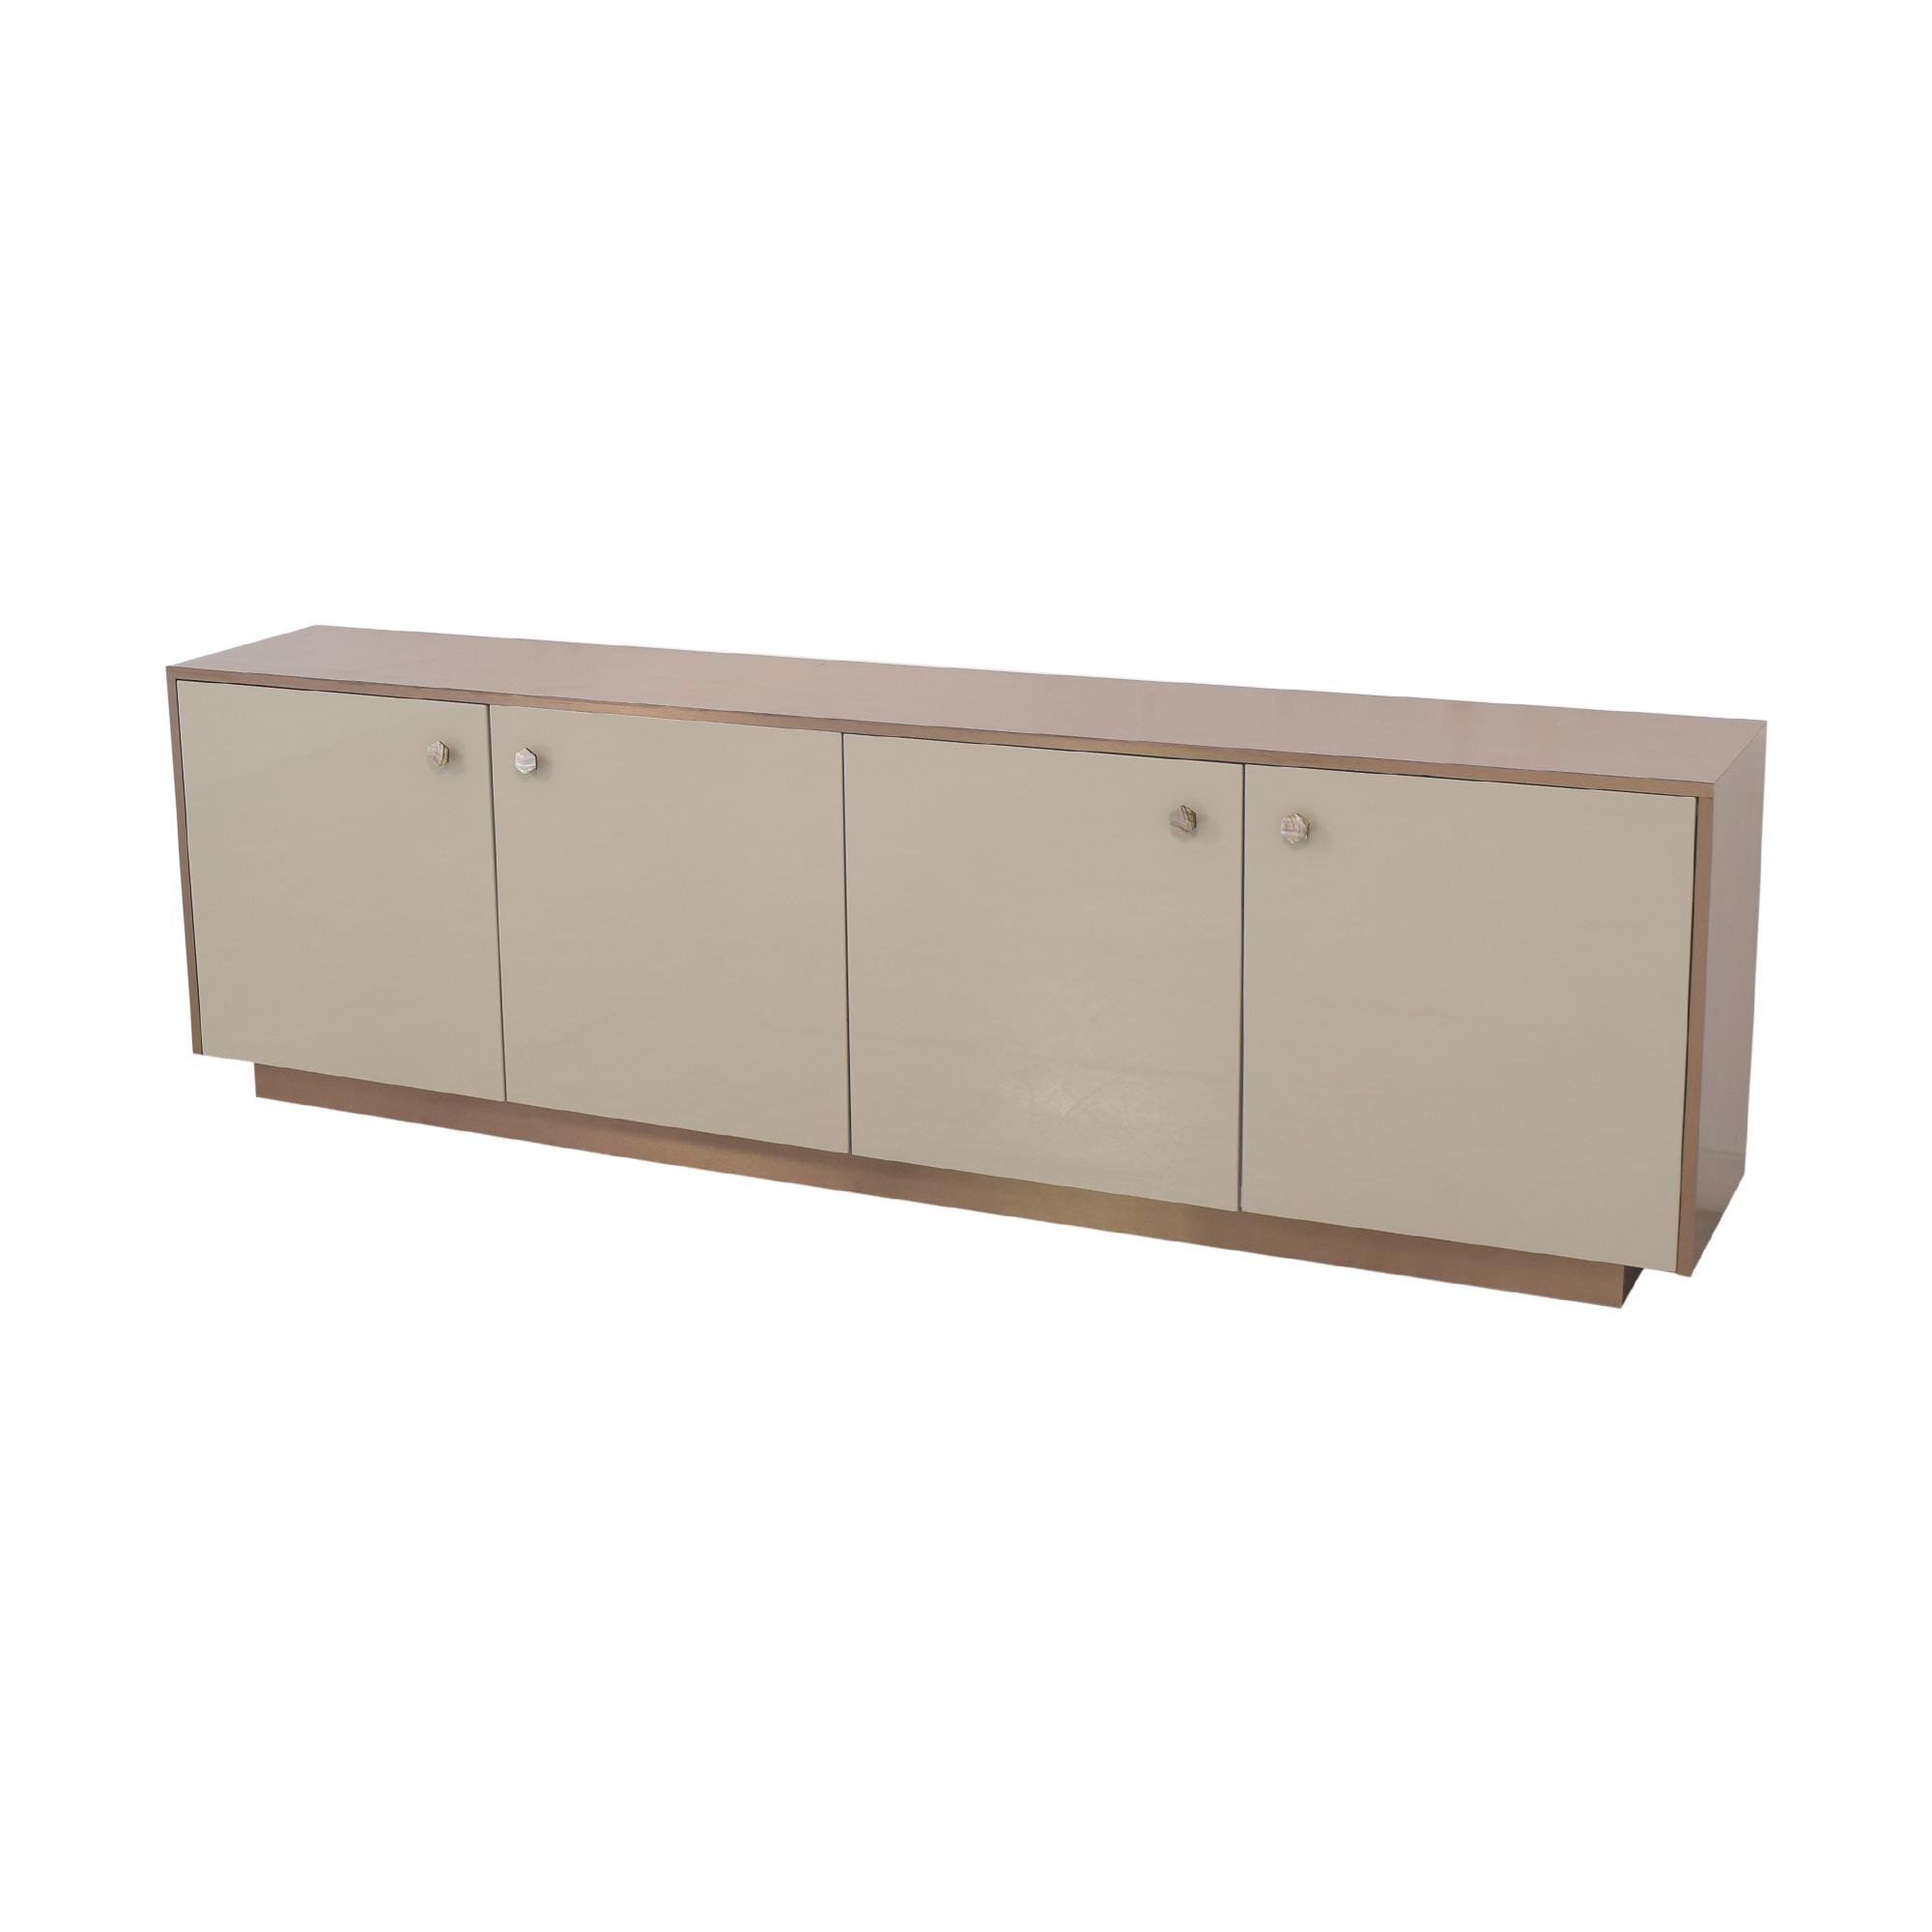 IKEA Media Console sale